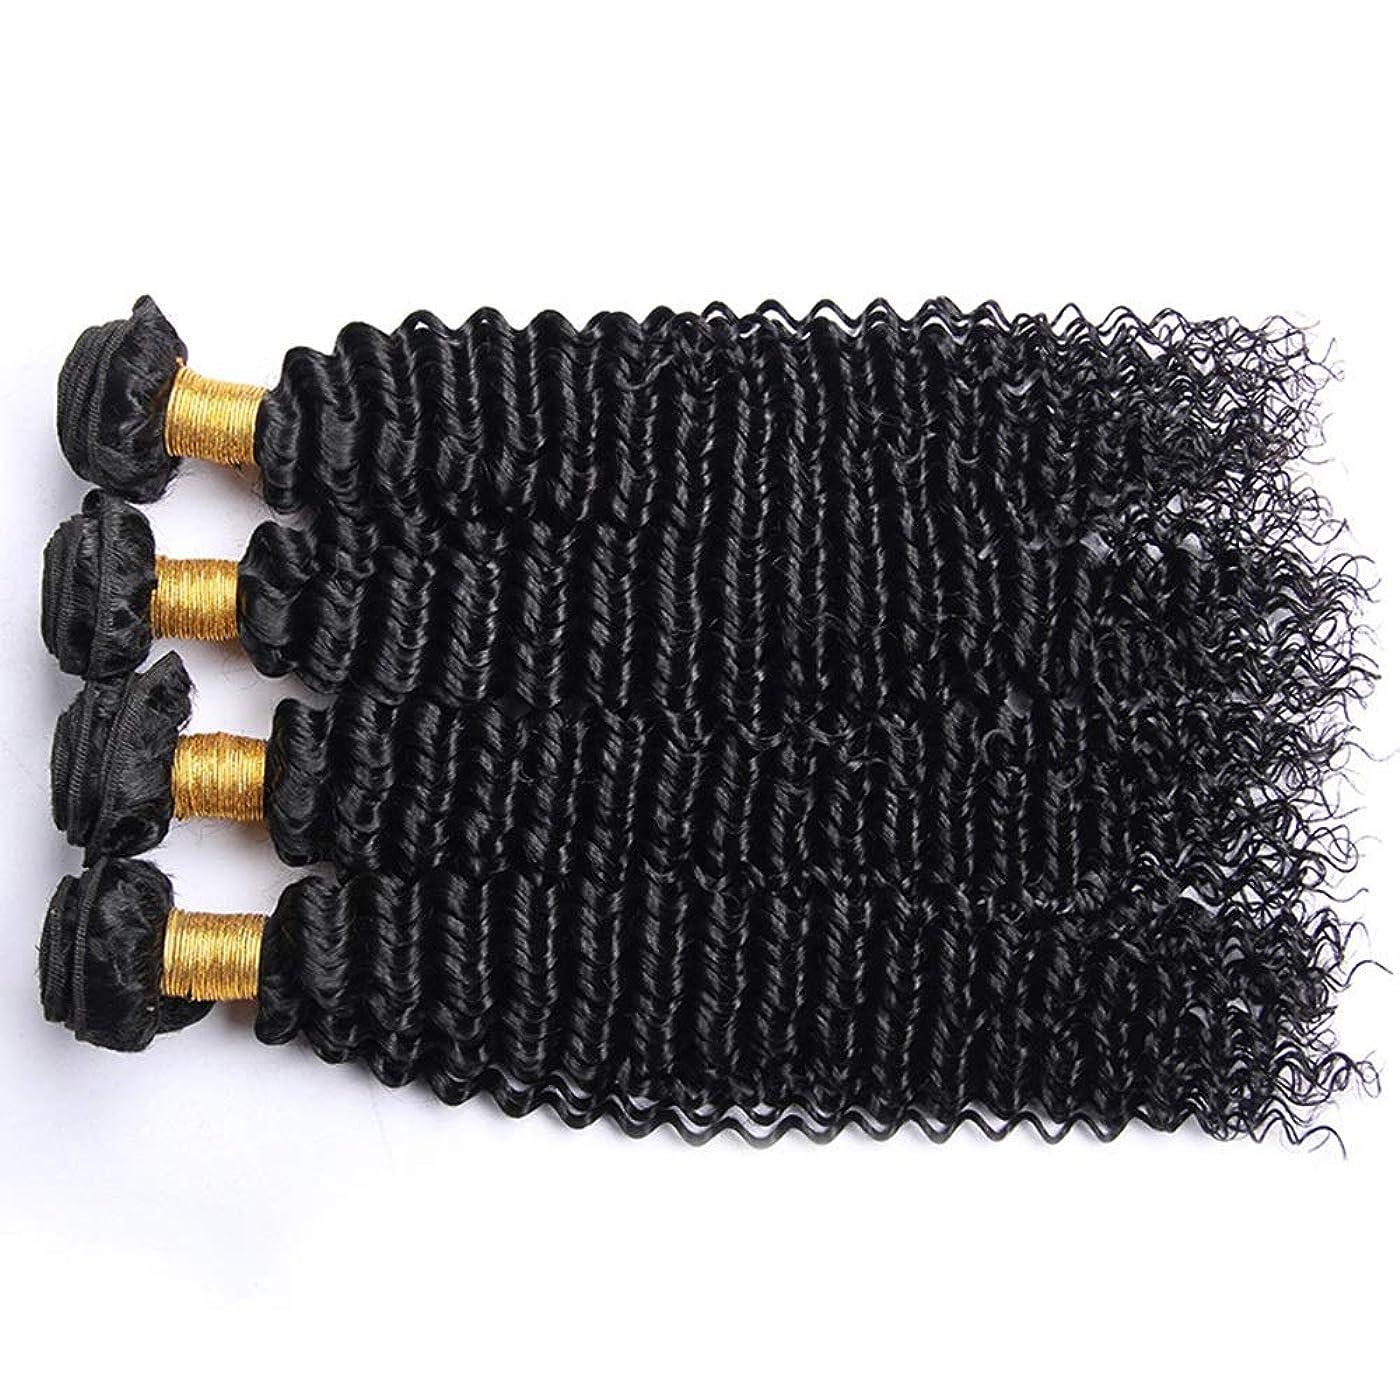 無力貫通する主張するYESONEEP アフロ変態カーリー人間の髪1バンドルブラジル100%未処理の人間の髪織り横糸ナチュラルカラーロングカーリーウィッグ (色 : 黒, サイズ : 22 inch)